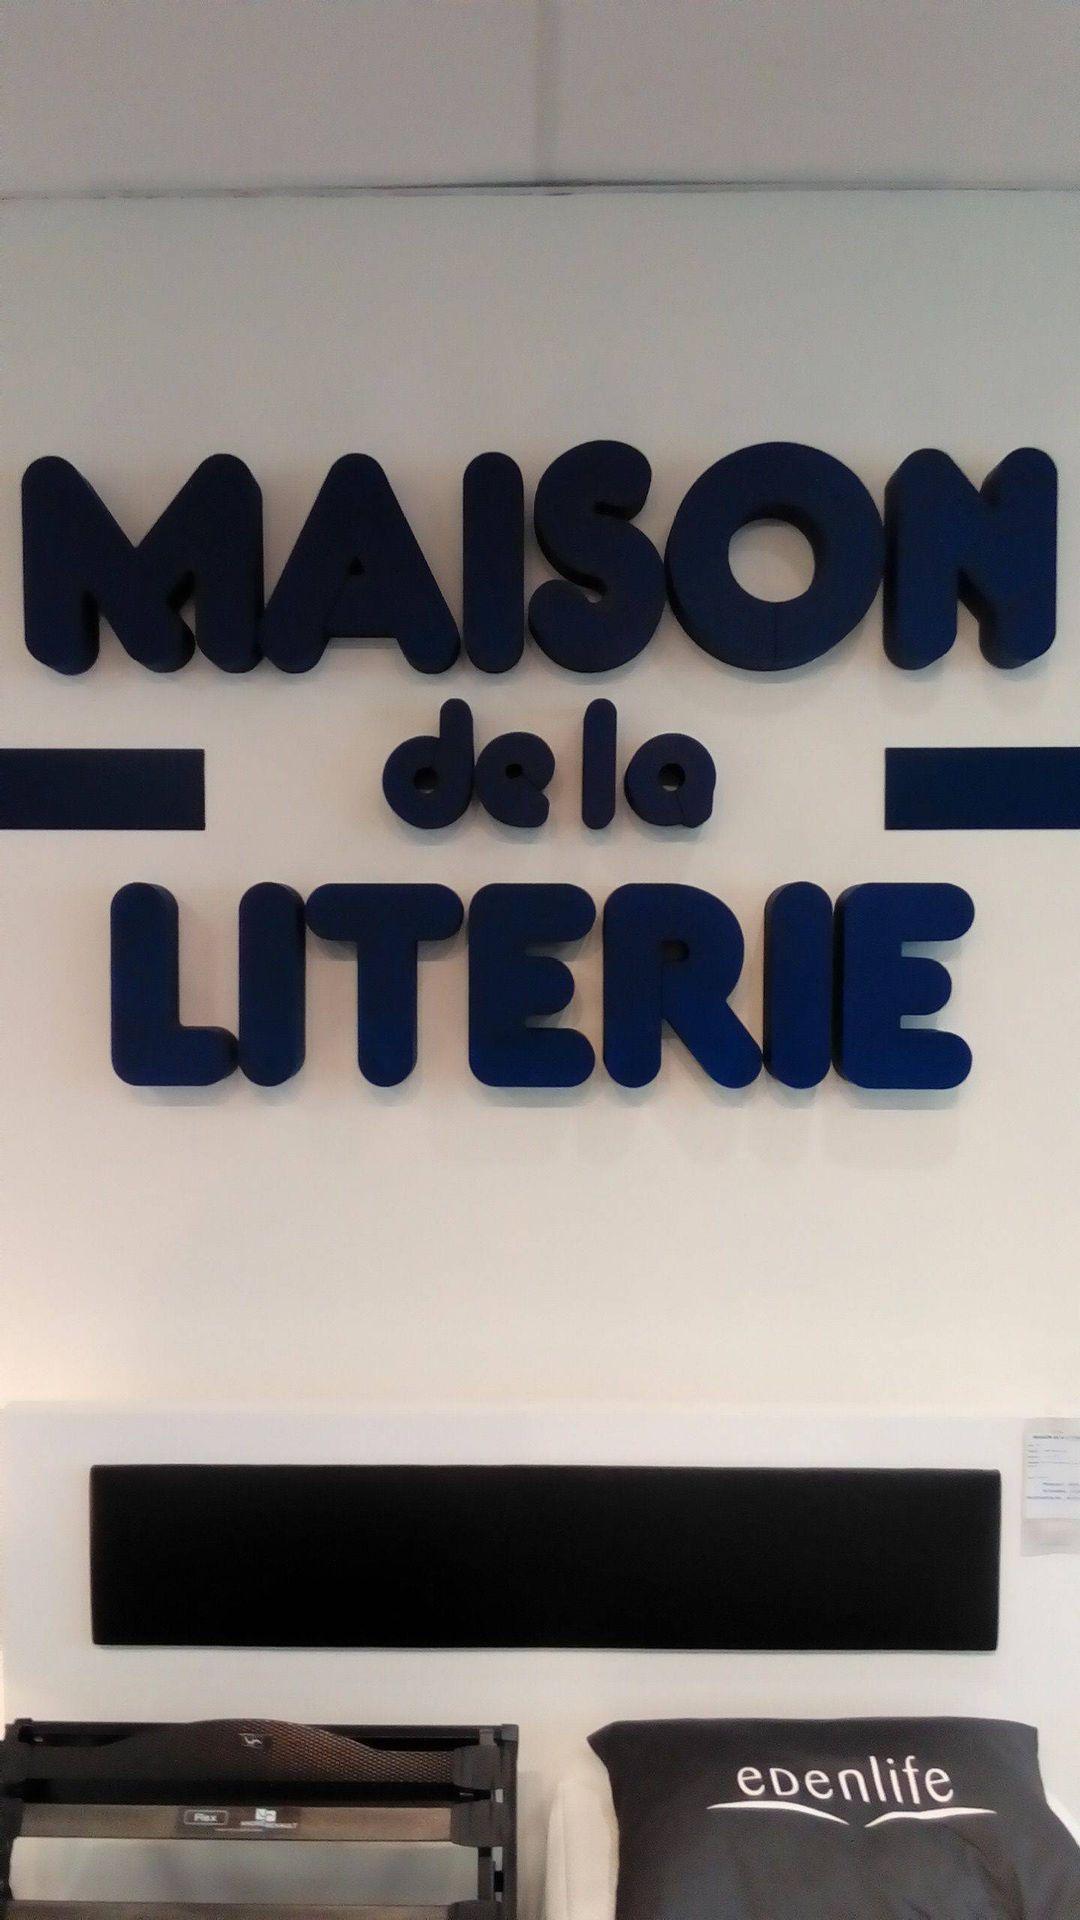 Maison de la literie ADLE Adhérent Maison de la literie